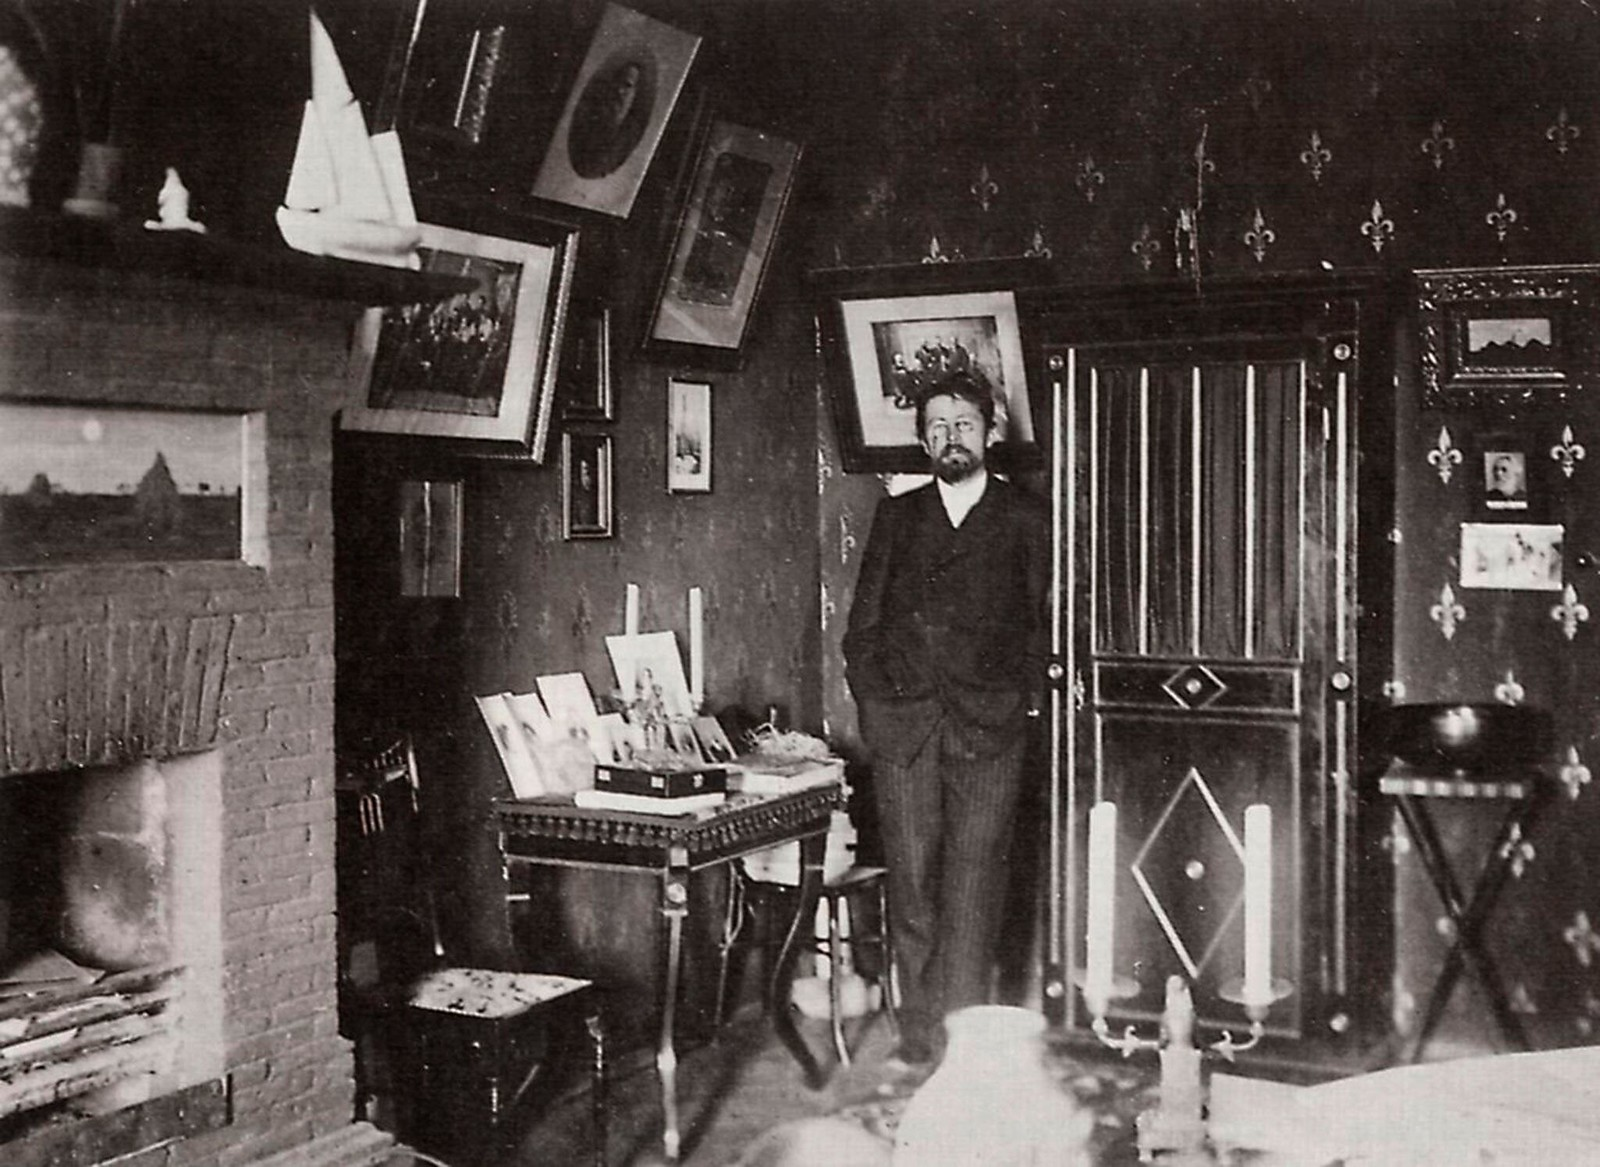 1901. Антон Чехов в своем кабинете, Ялта